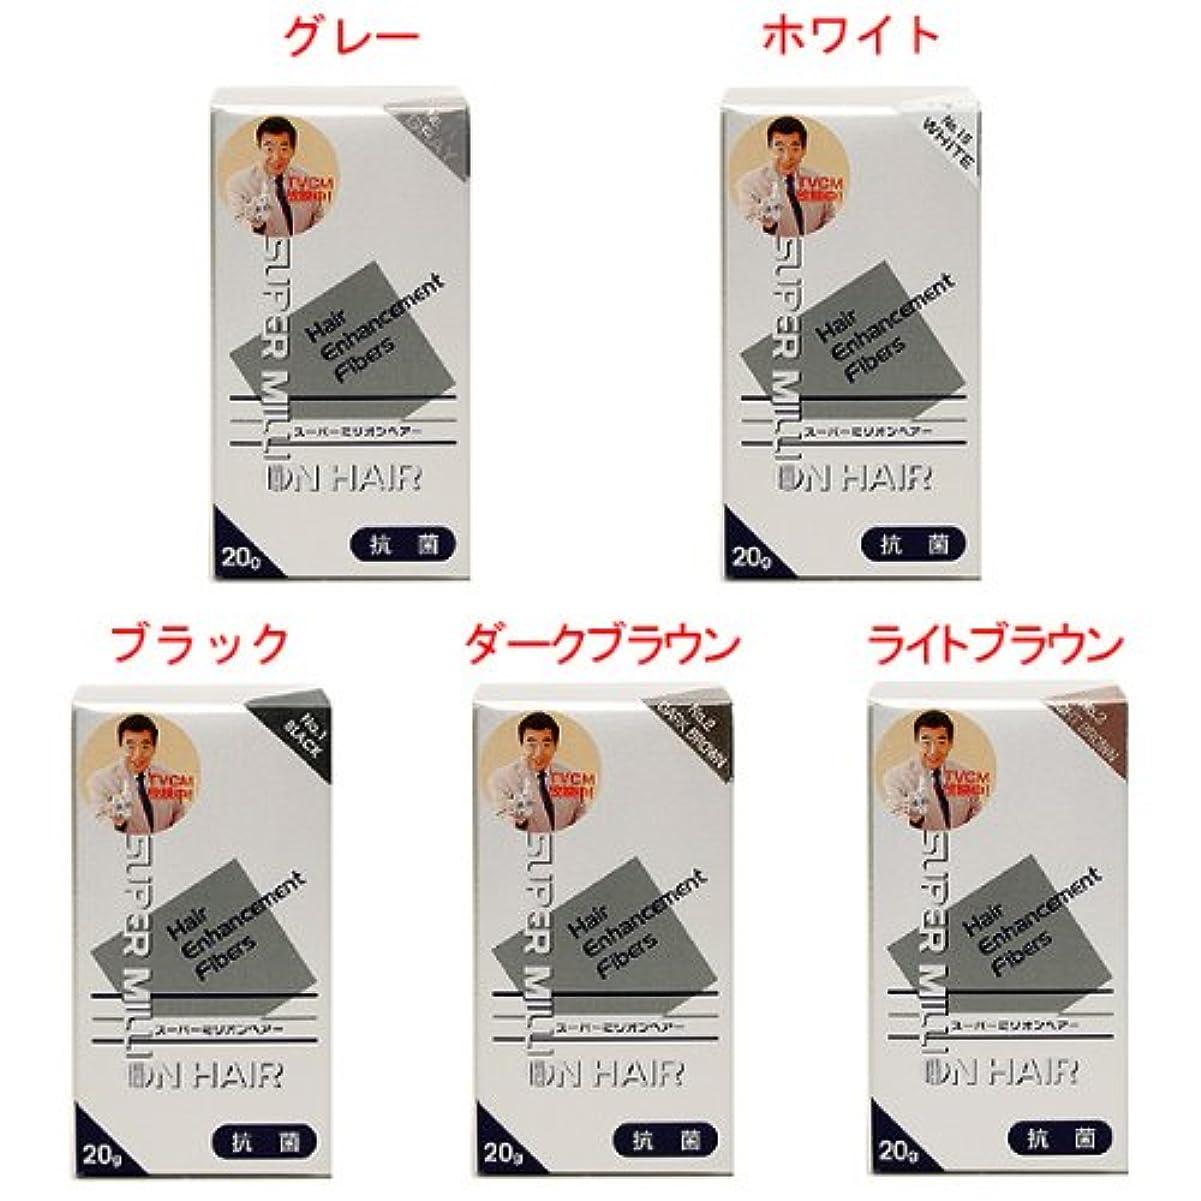 歯痛裸マルクス主義スーパーミリオンこげ茶20G3500 ルアン(株)